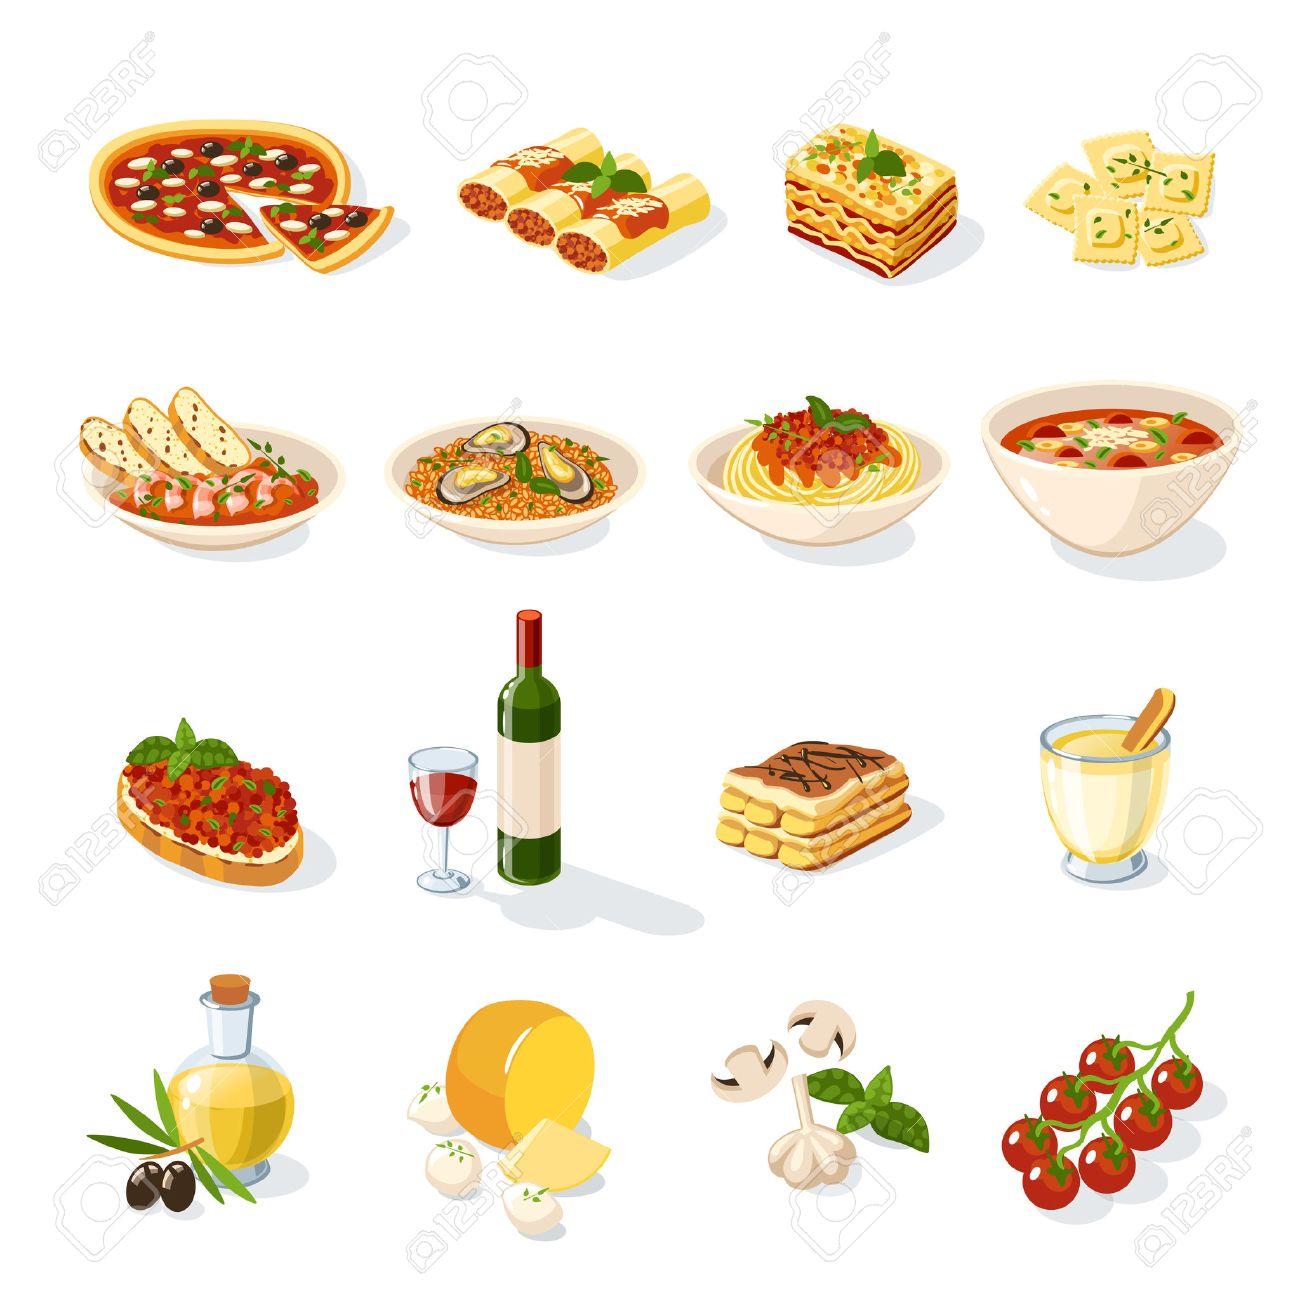 イタリア料理 のイラスト素材ベクター 123rf